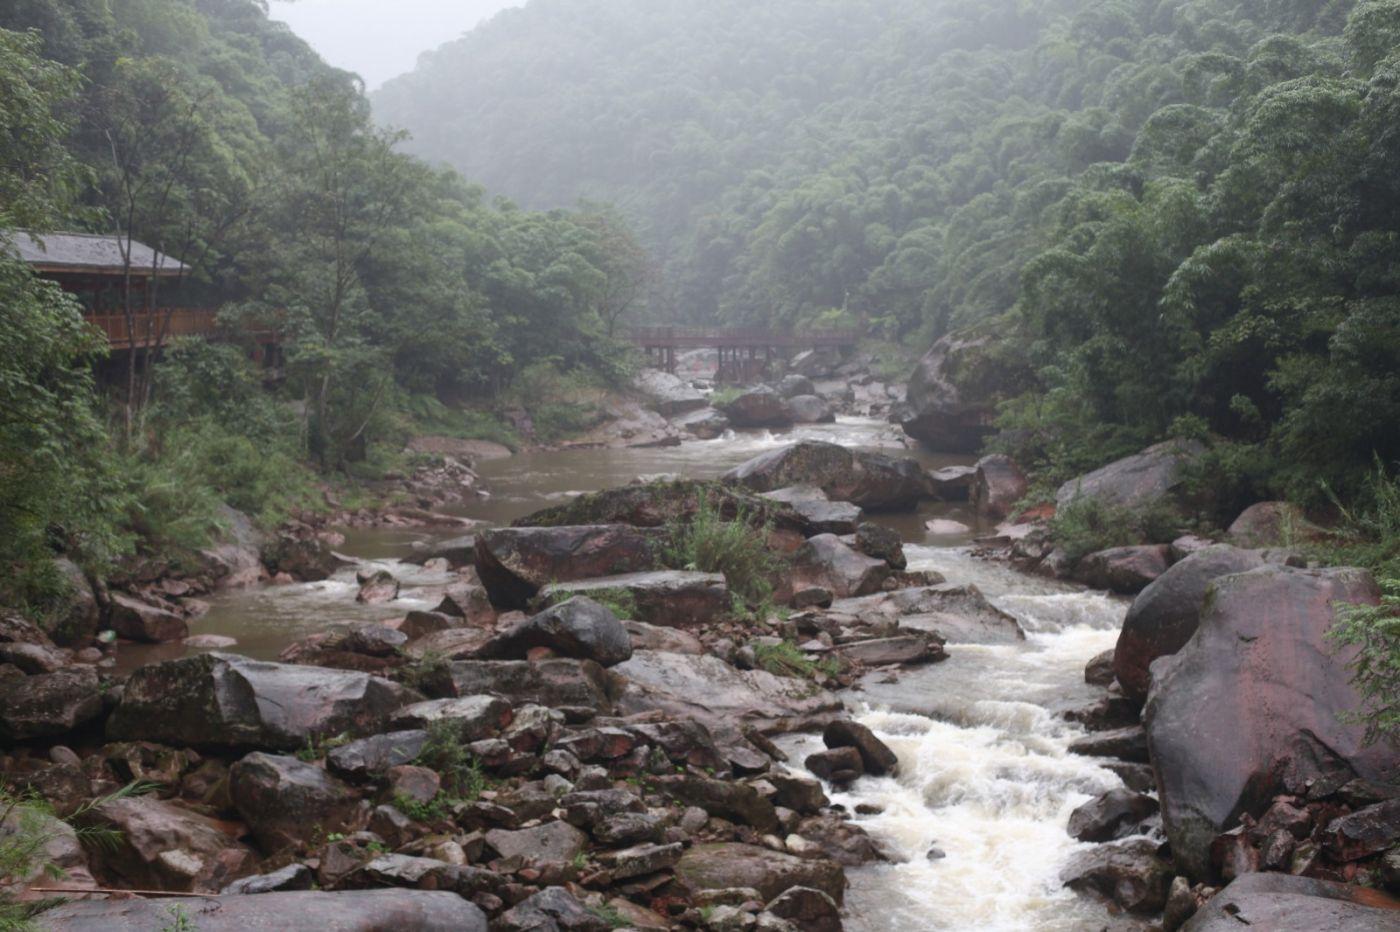 孕育了天赐尤物茅台酒的山野、林莽、溪流和河水那个空间_图1-1